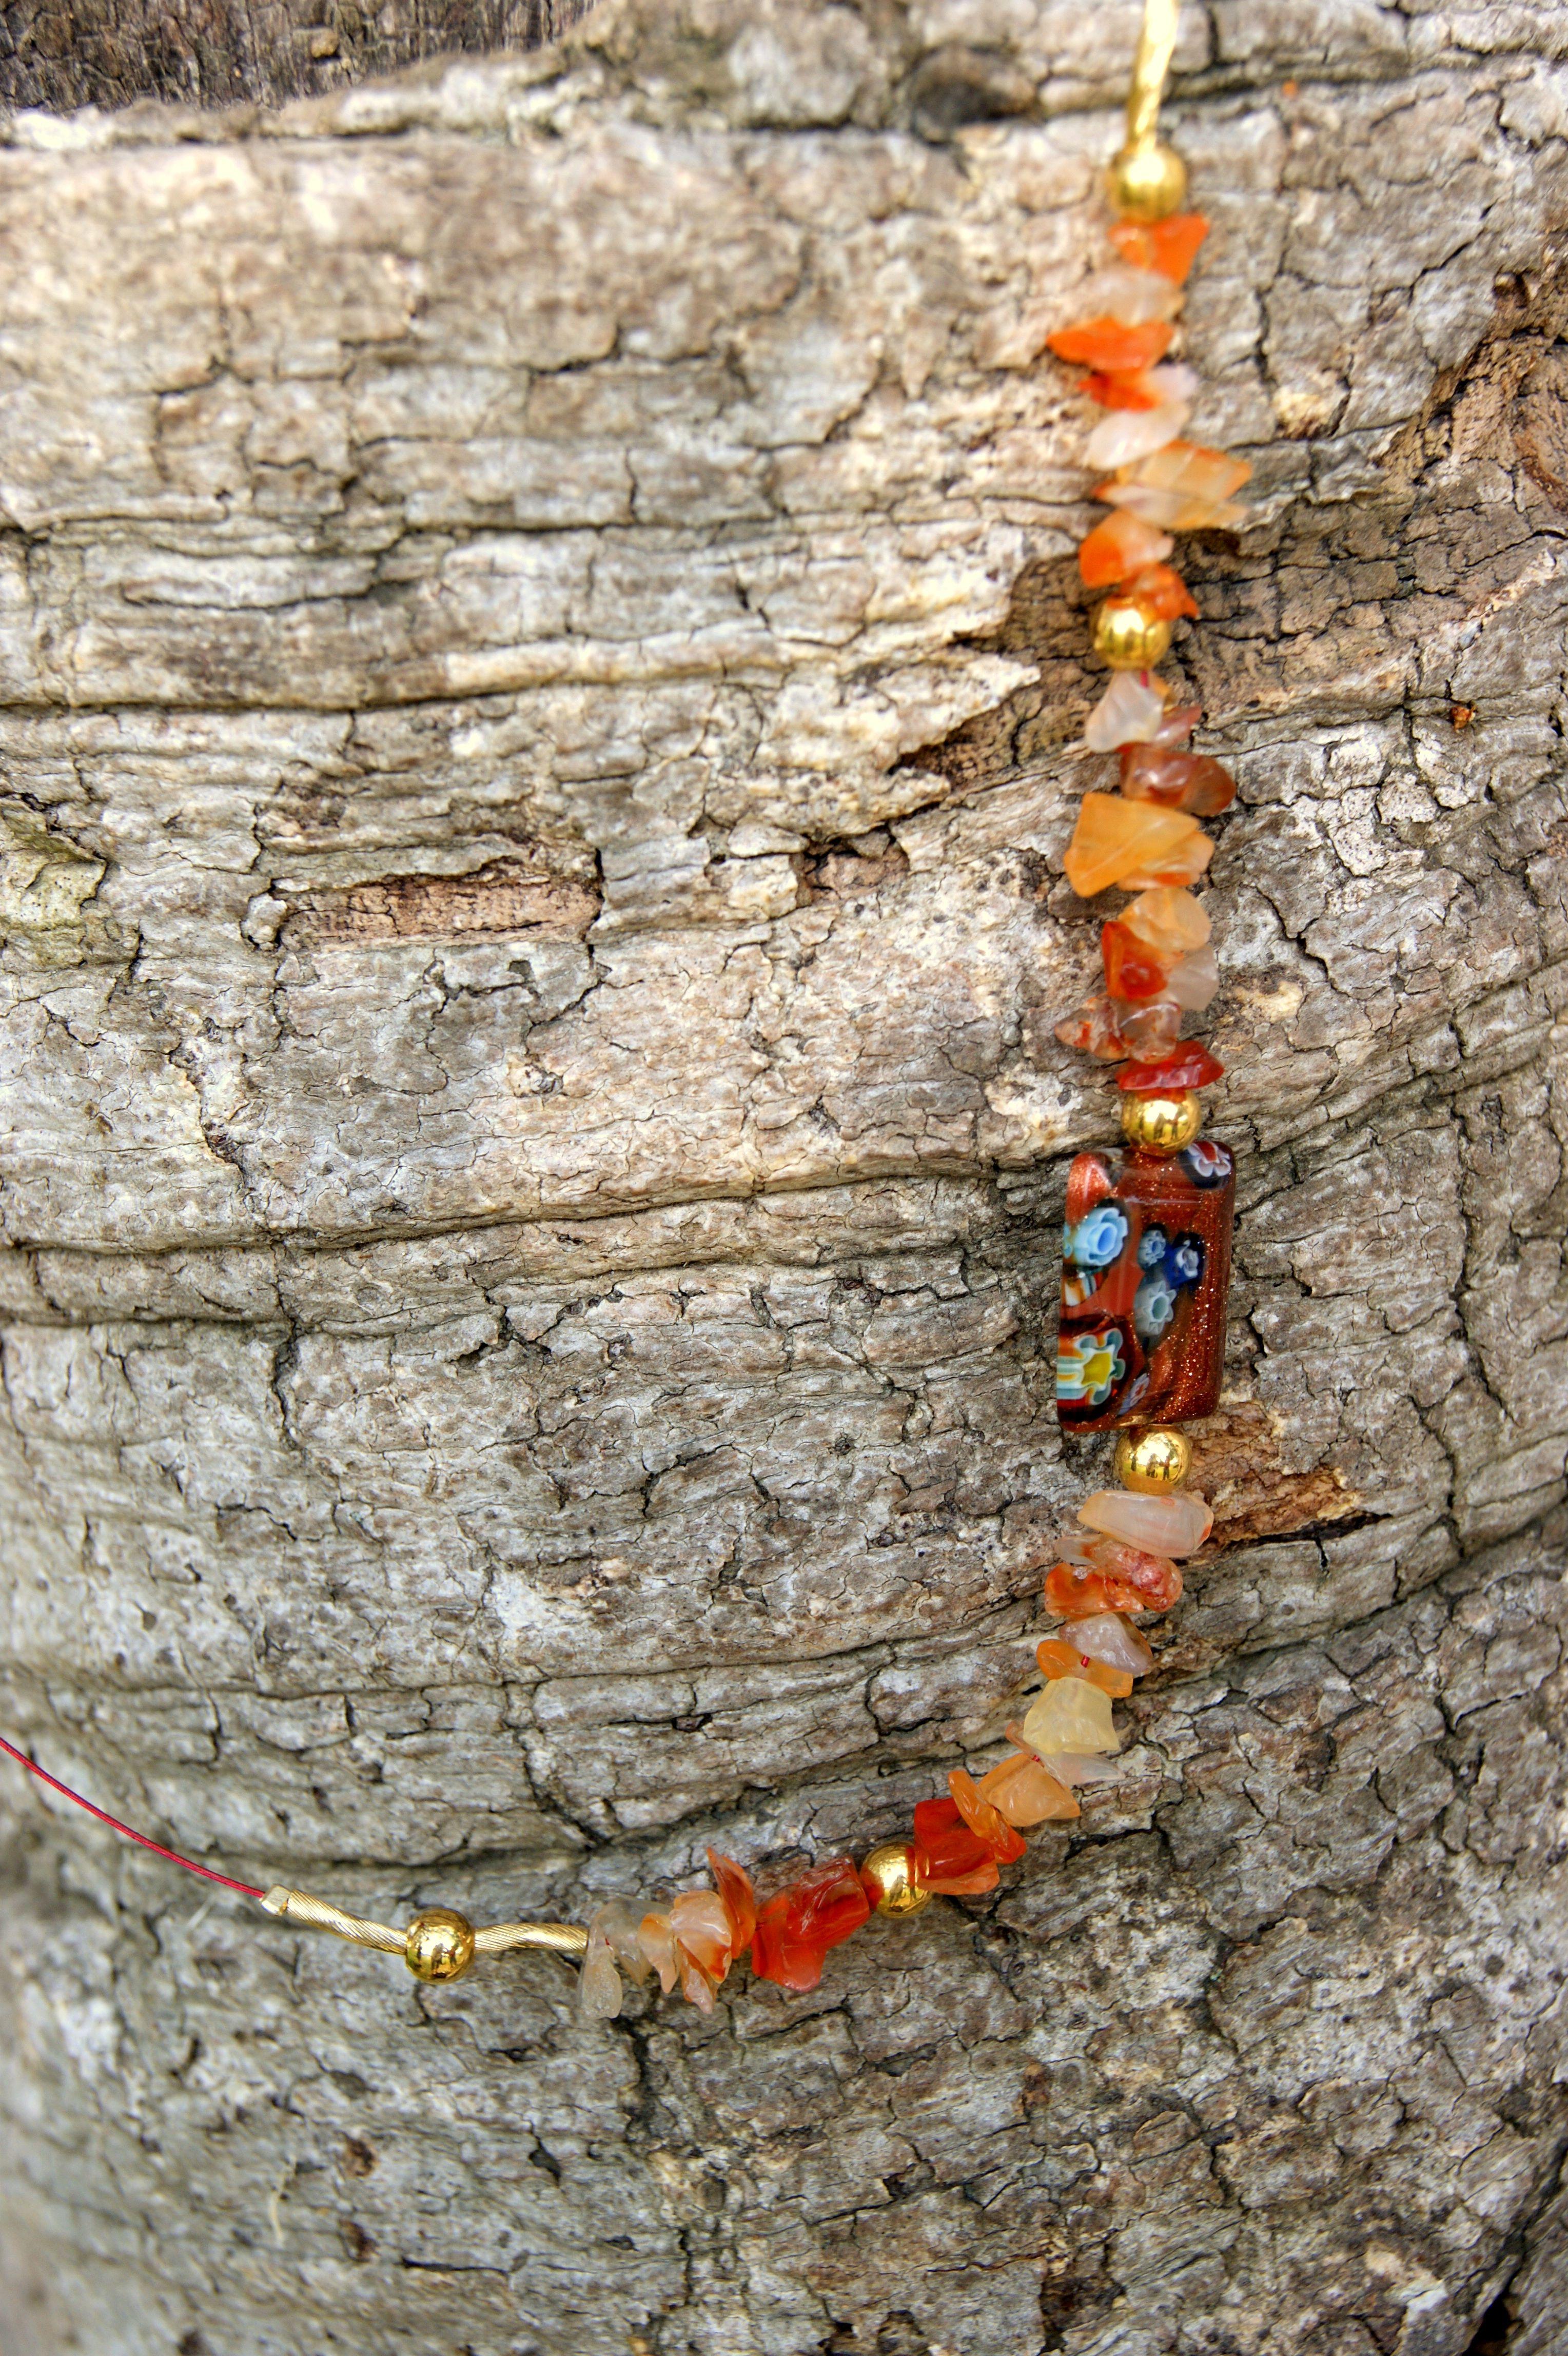 Collar de plata dorada con piedras naranja y dije de murano en mismo tonos, engarzados en hilo plastificado color naranja